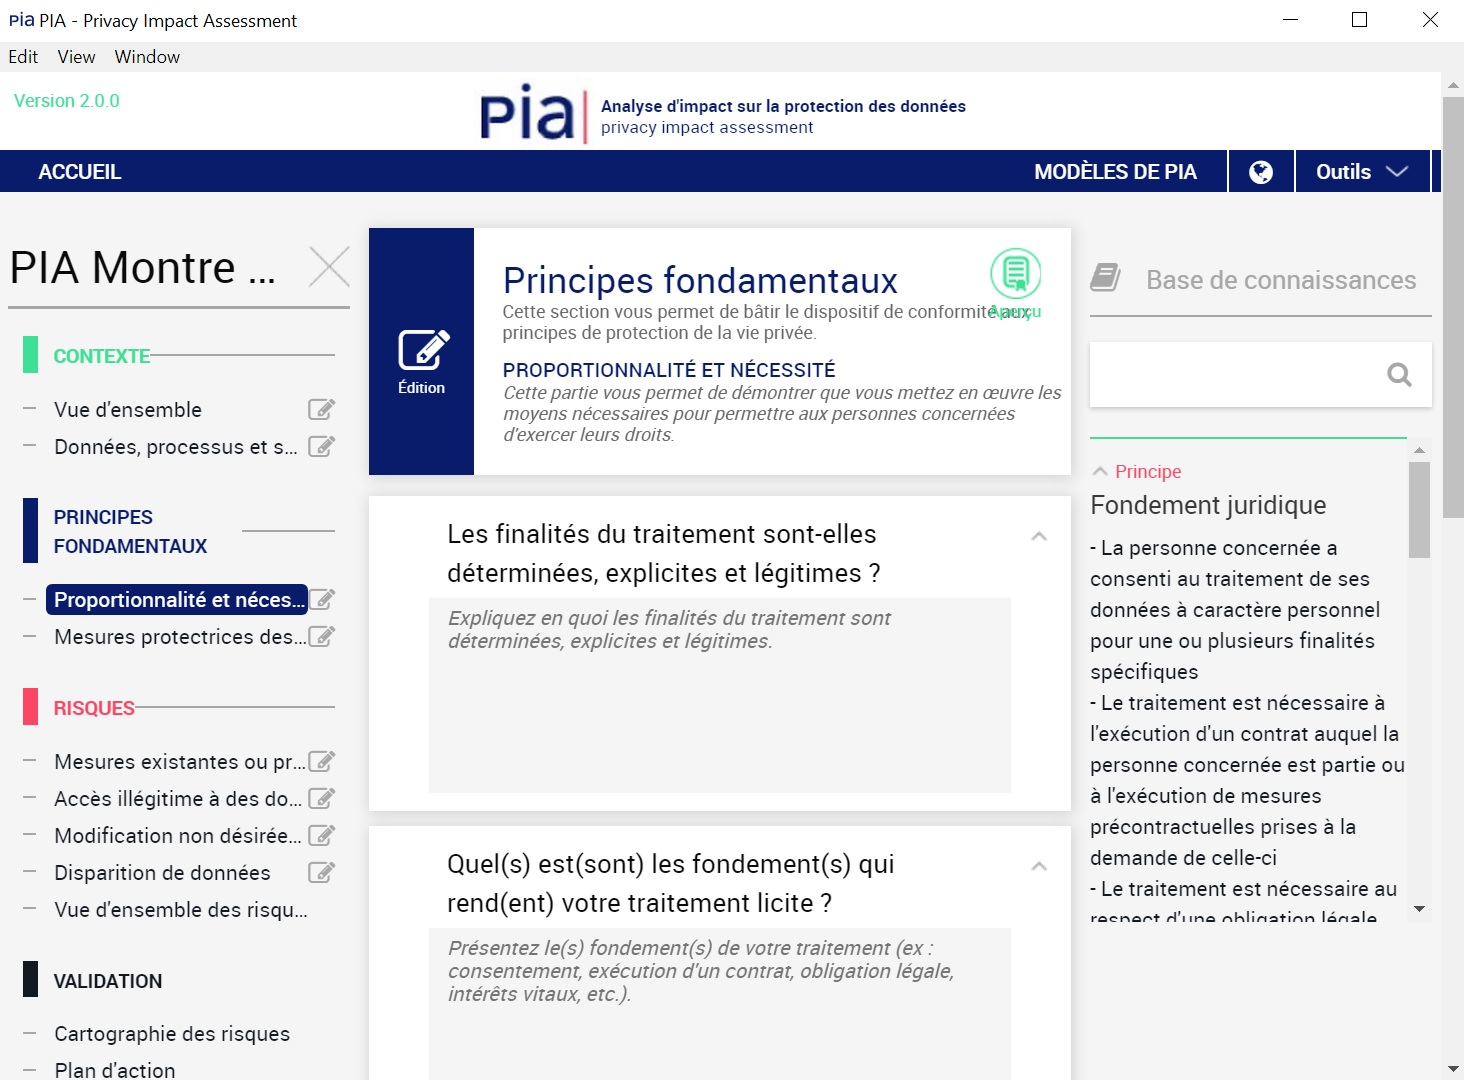 Fondements d'un traitement de données personnelles